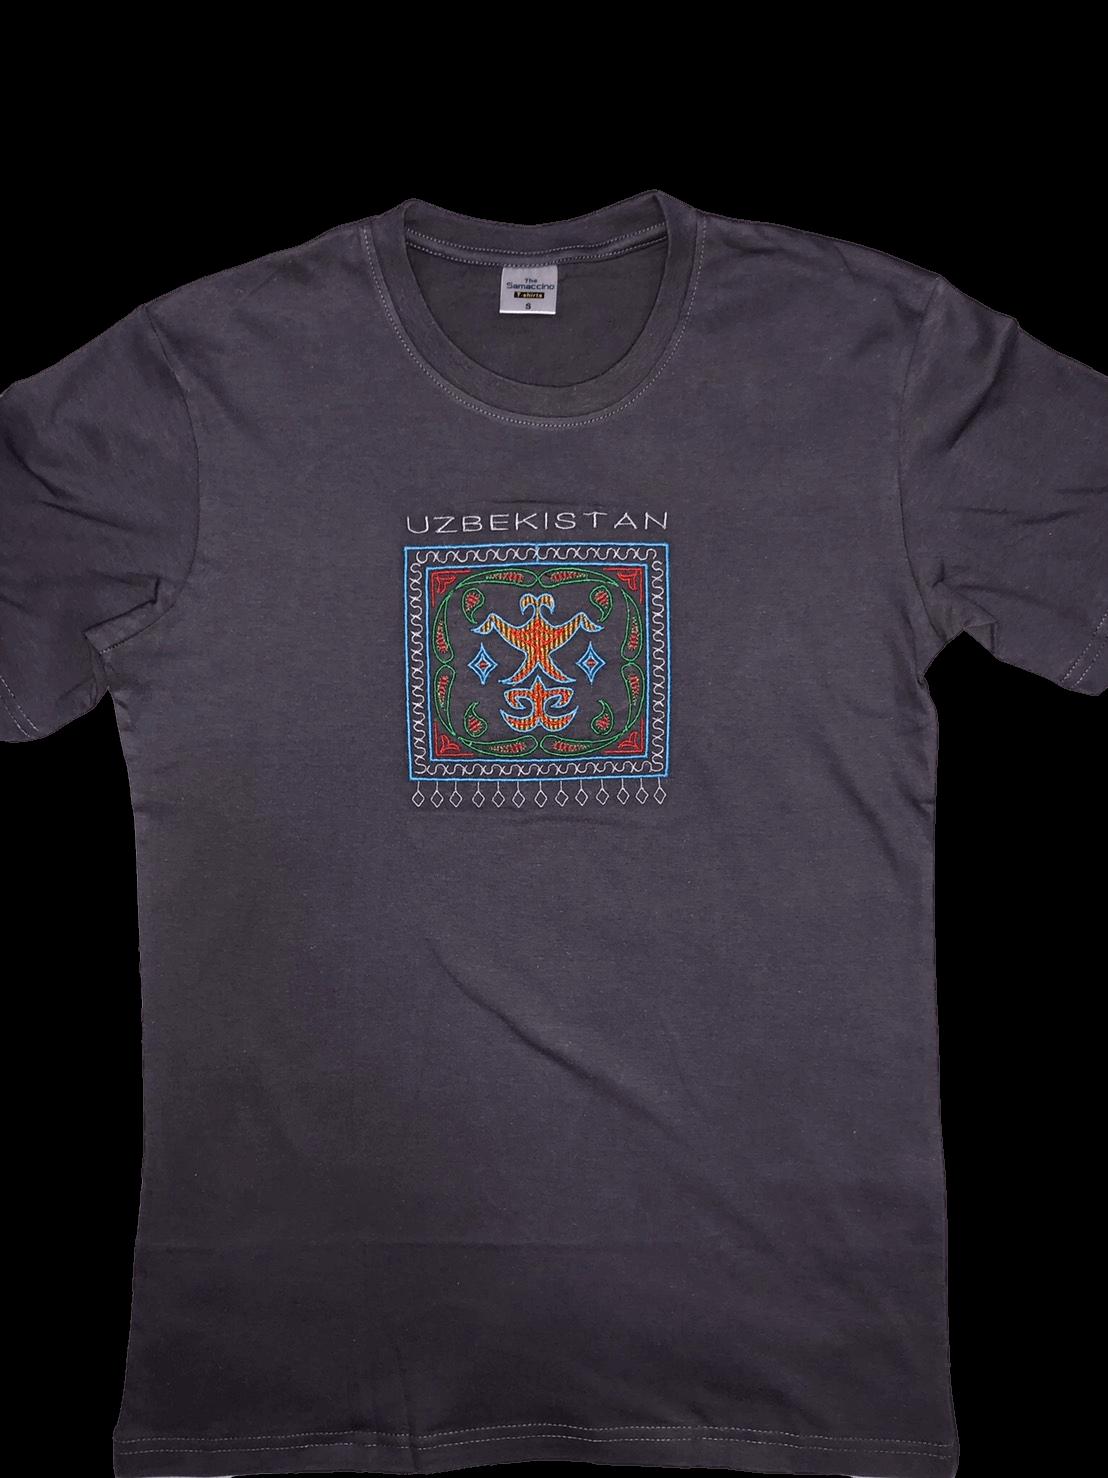 スザニ刺繍入りウズベキスタン Tシャツ(黒)